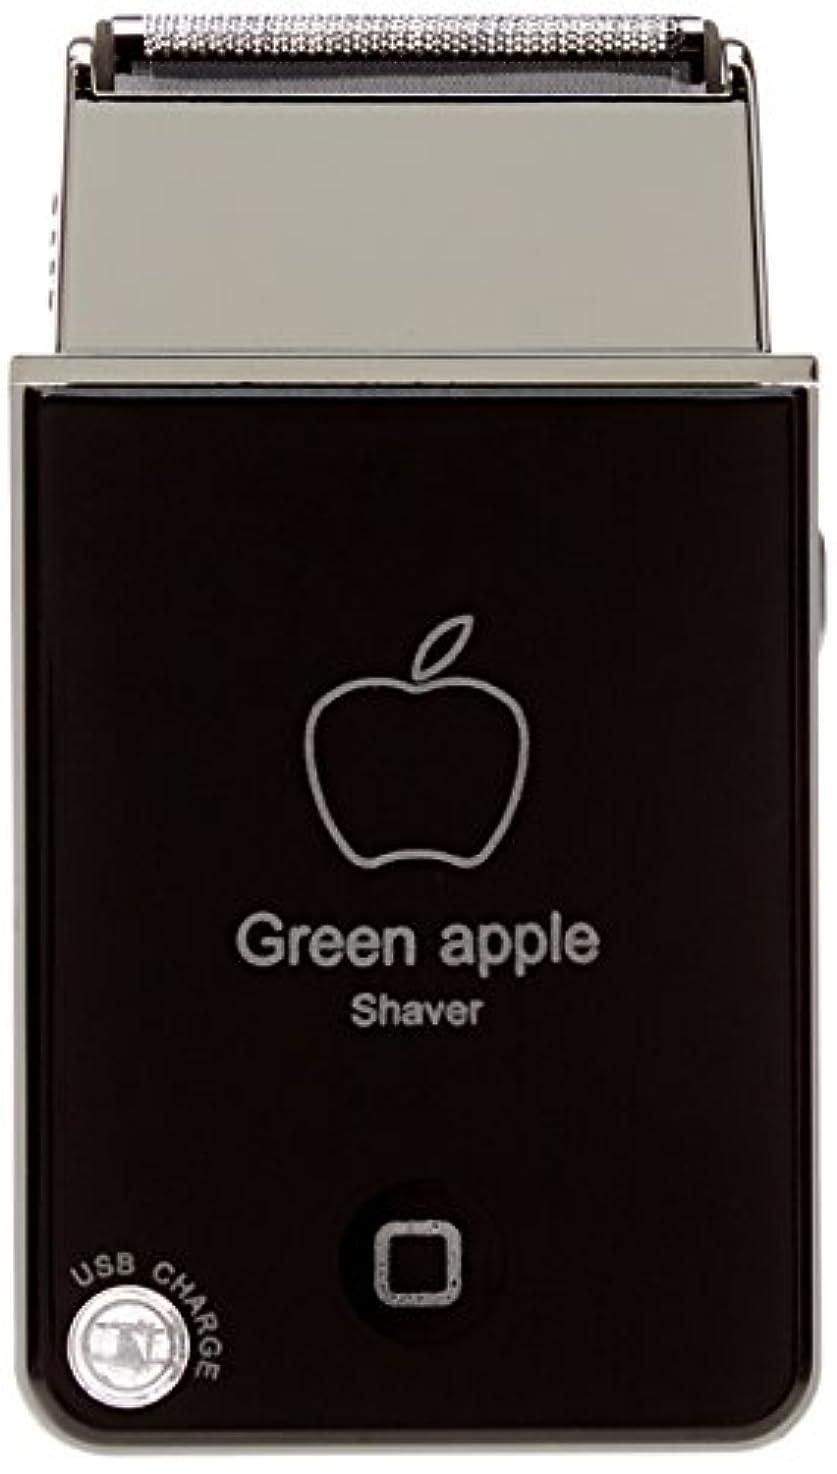 たっぷり後悔無視できるVB グリーンアップル電気シェーバーShaver USB充電式トラベルカミソリBlack(ブラック)